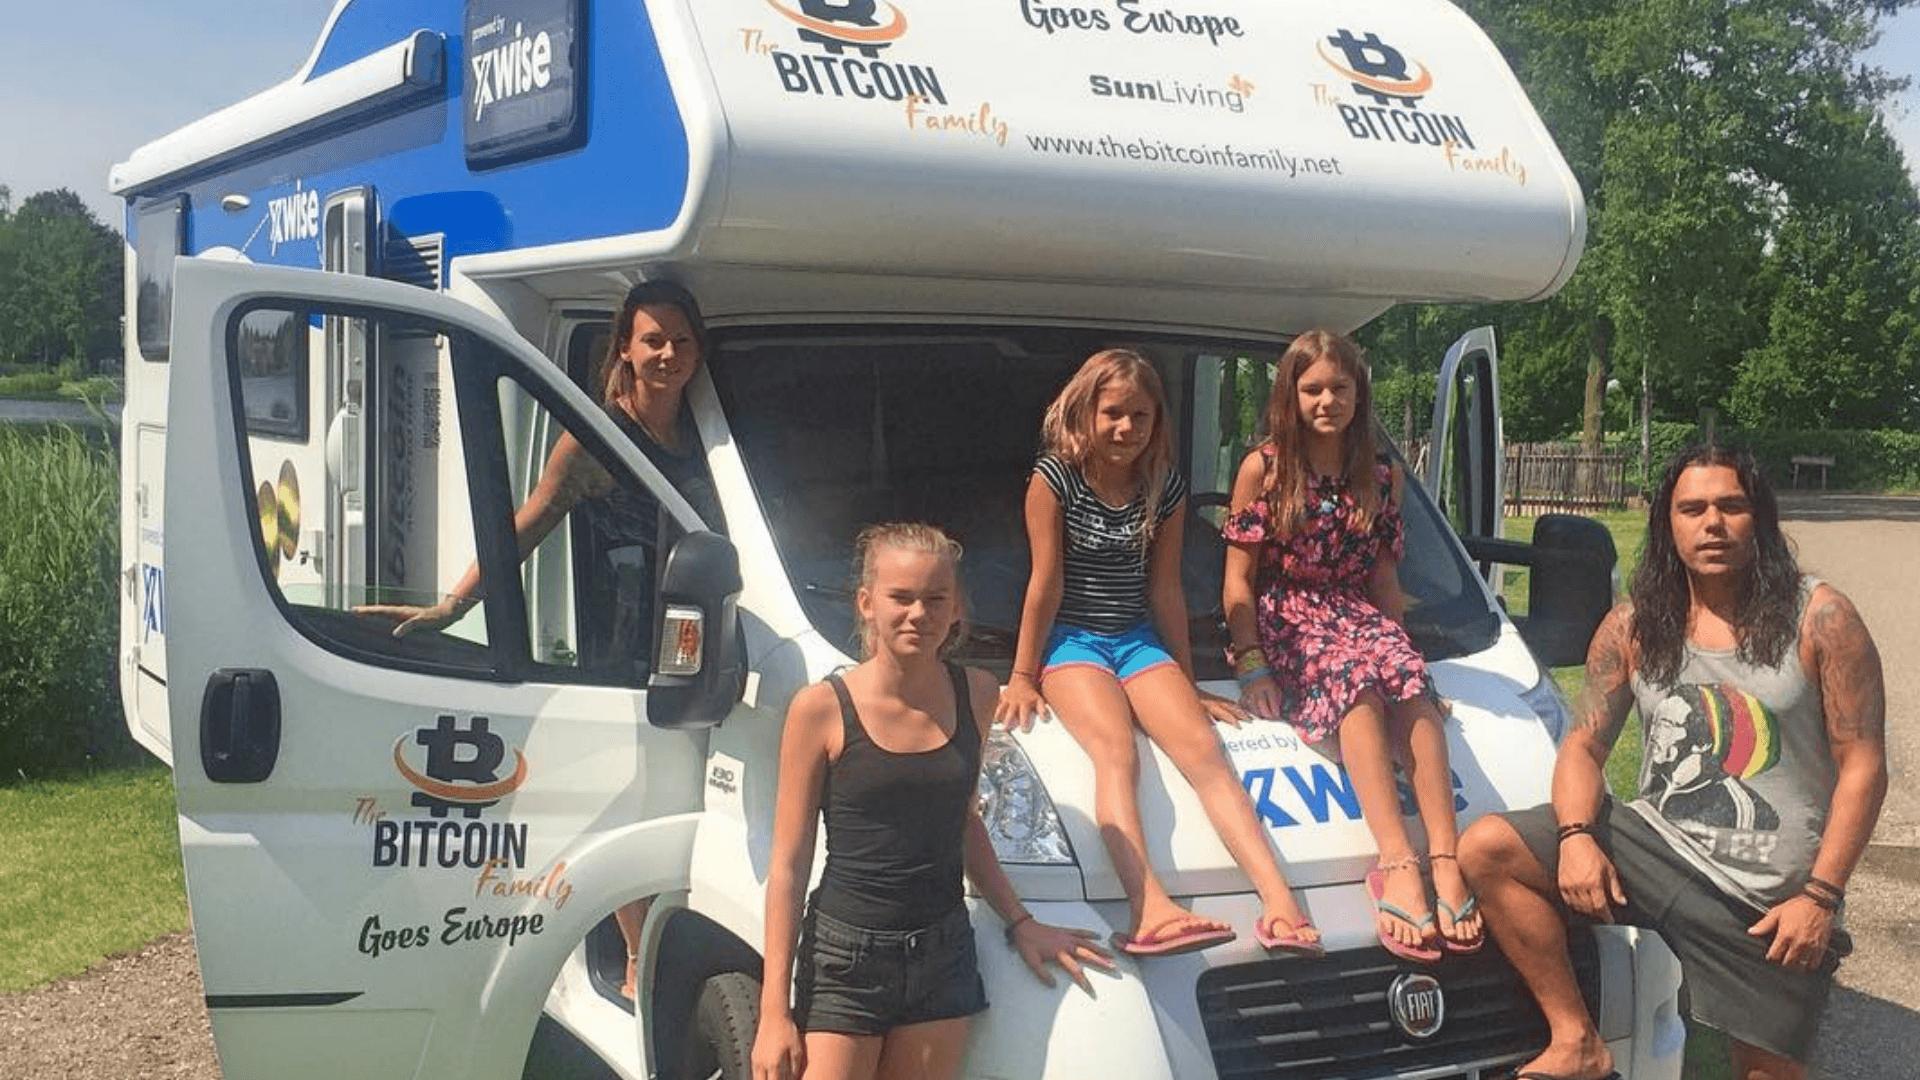 'Familia Bitcoin' se prepara para recorrer el mundo y educar a las personas sobre criptografía y blockchain